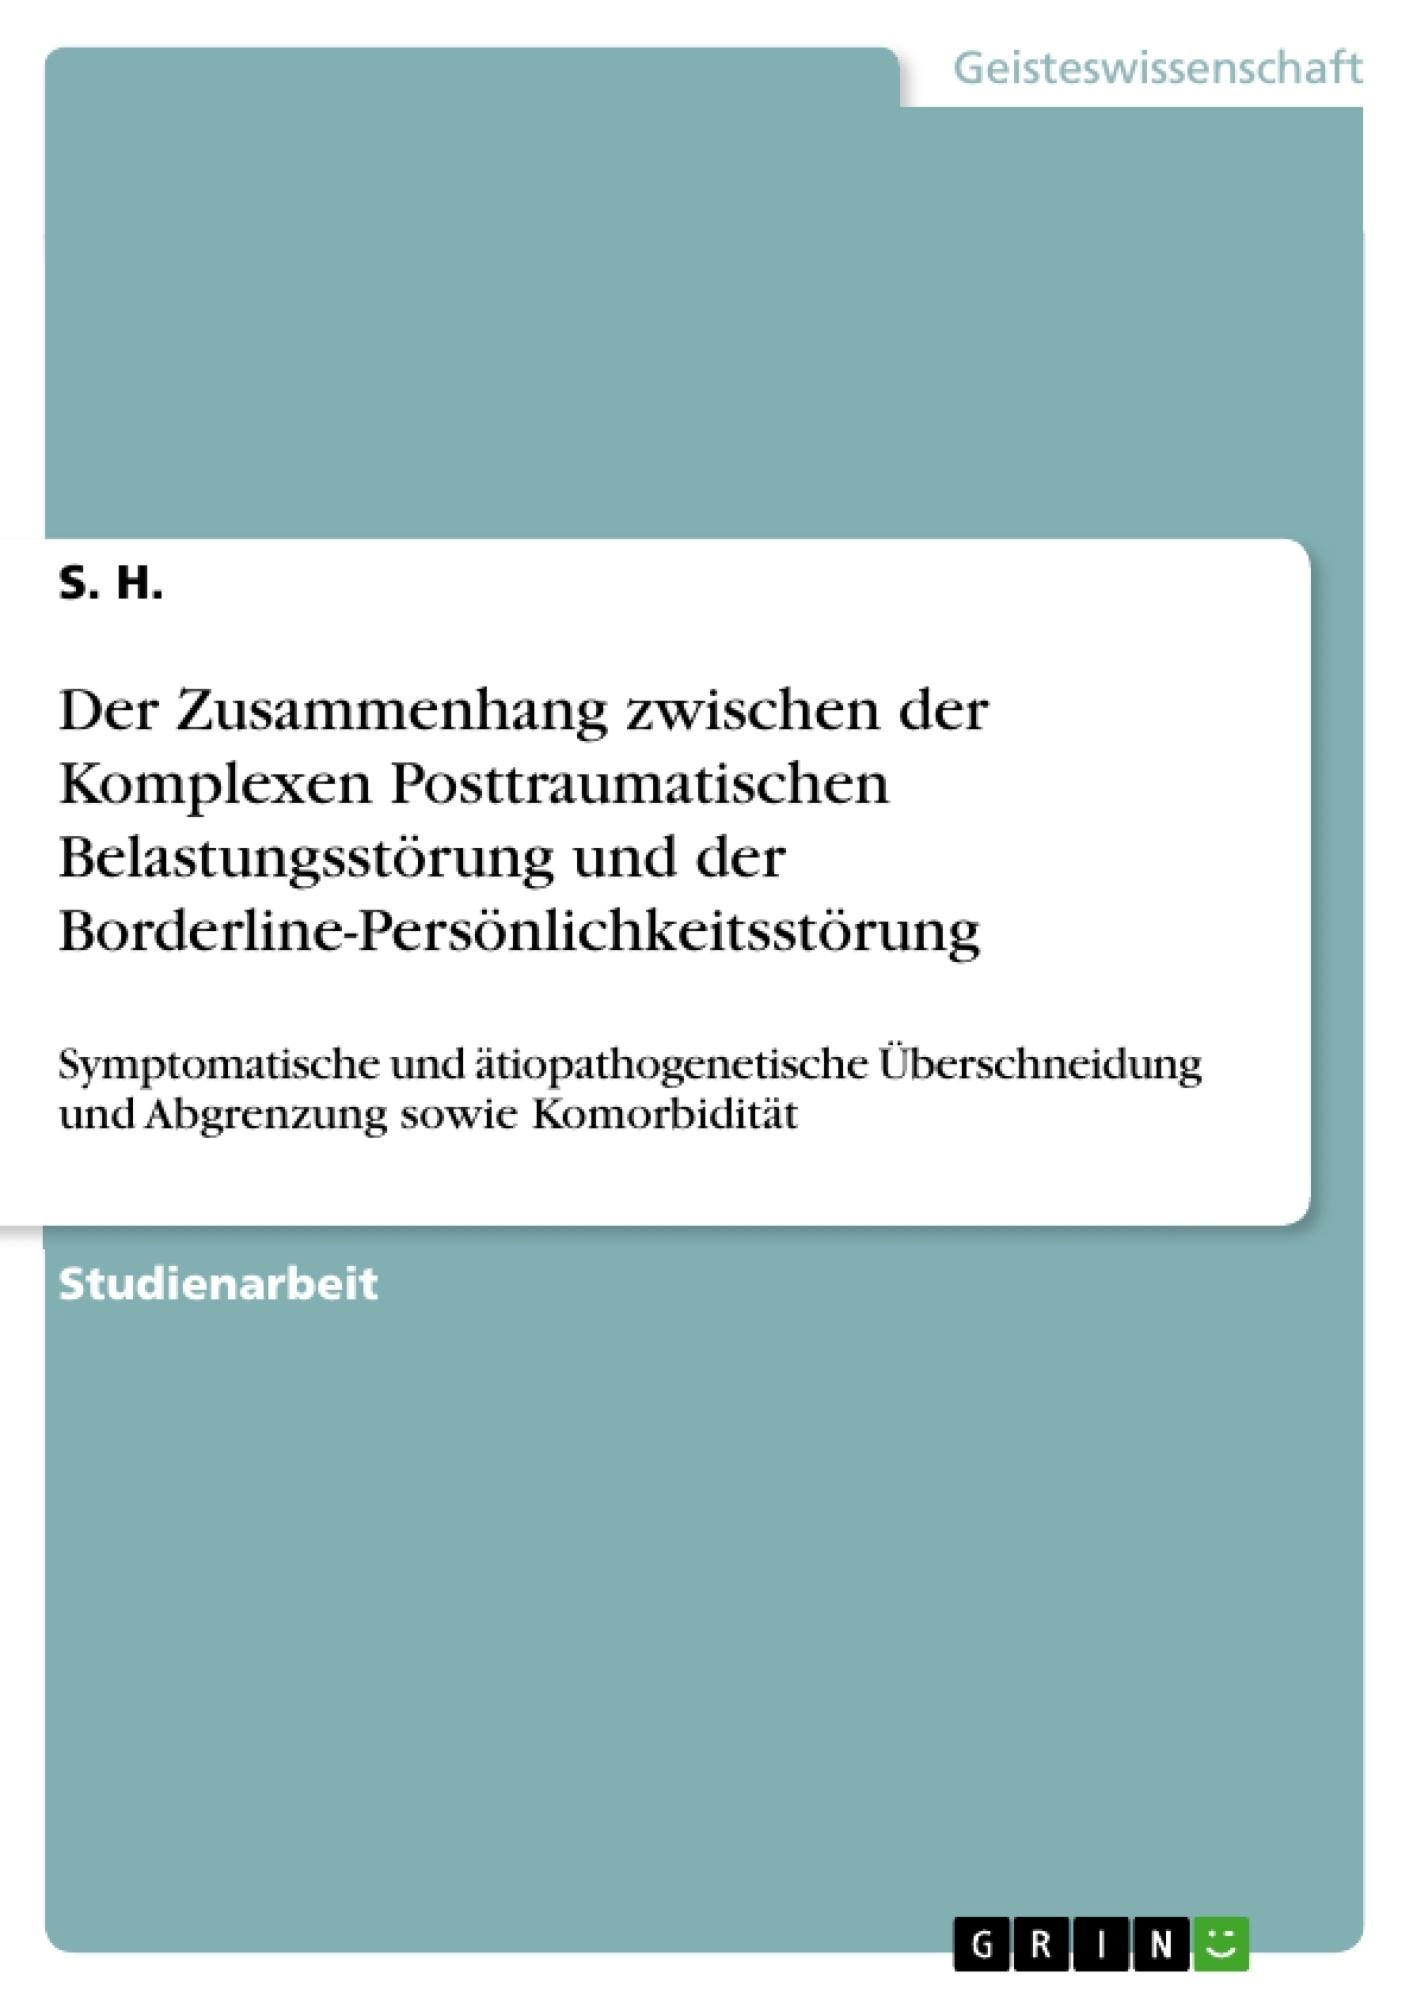 Titel: Der Zusammenhang zwischen der Komplexen Posttraumatischen Belastungsstörung und der Borderline-Persönlichkeitsstörung